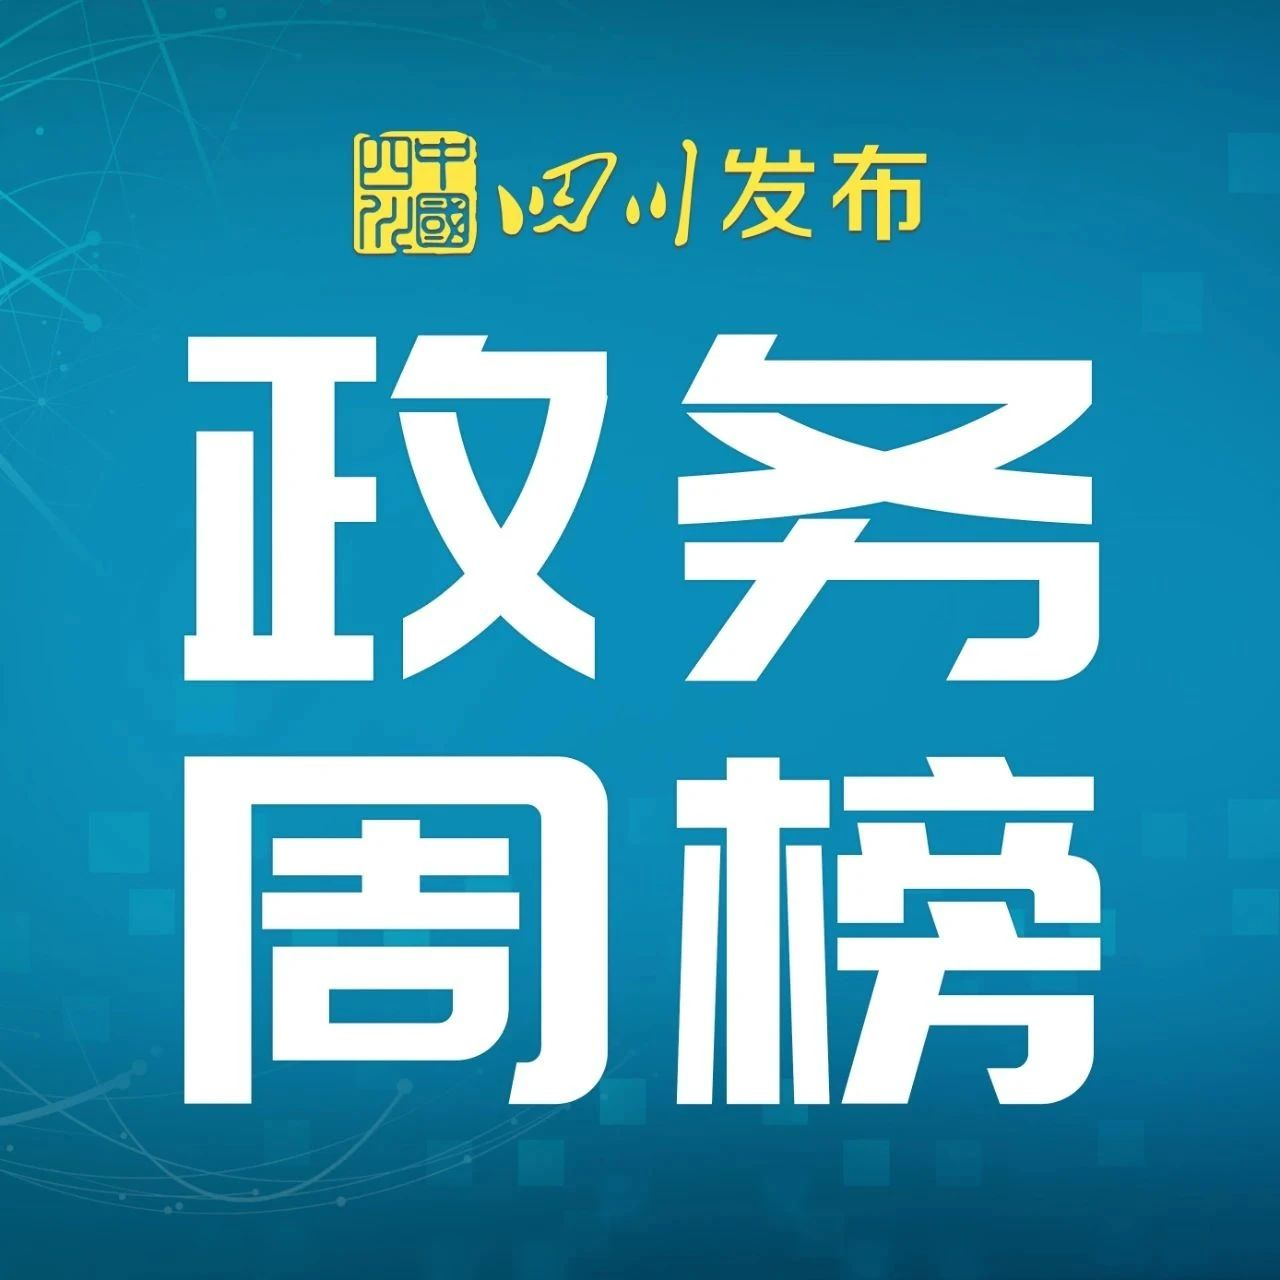 全省政务微信公众号榜单(1月11日-1月17日)| 周榜